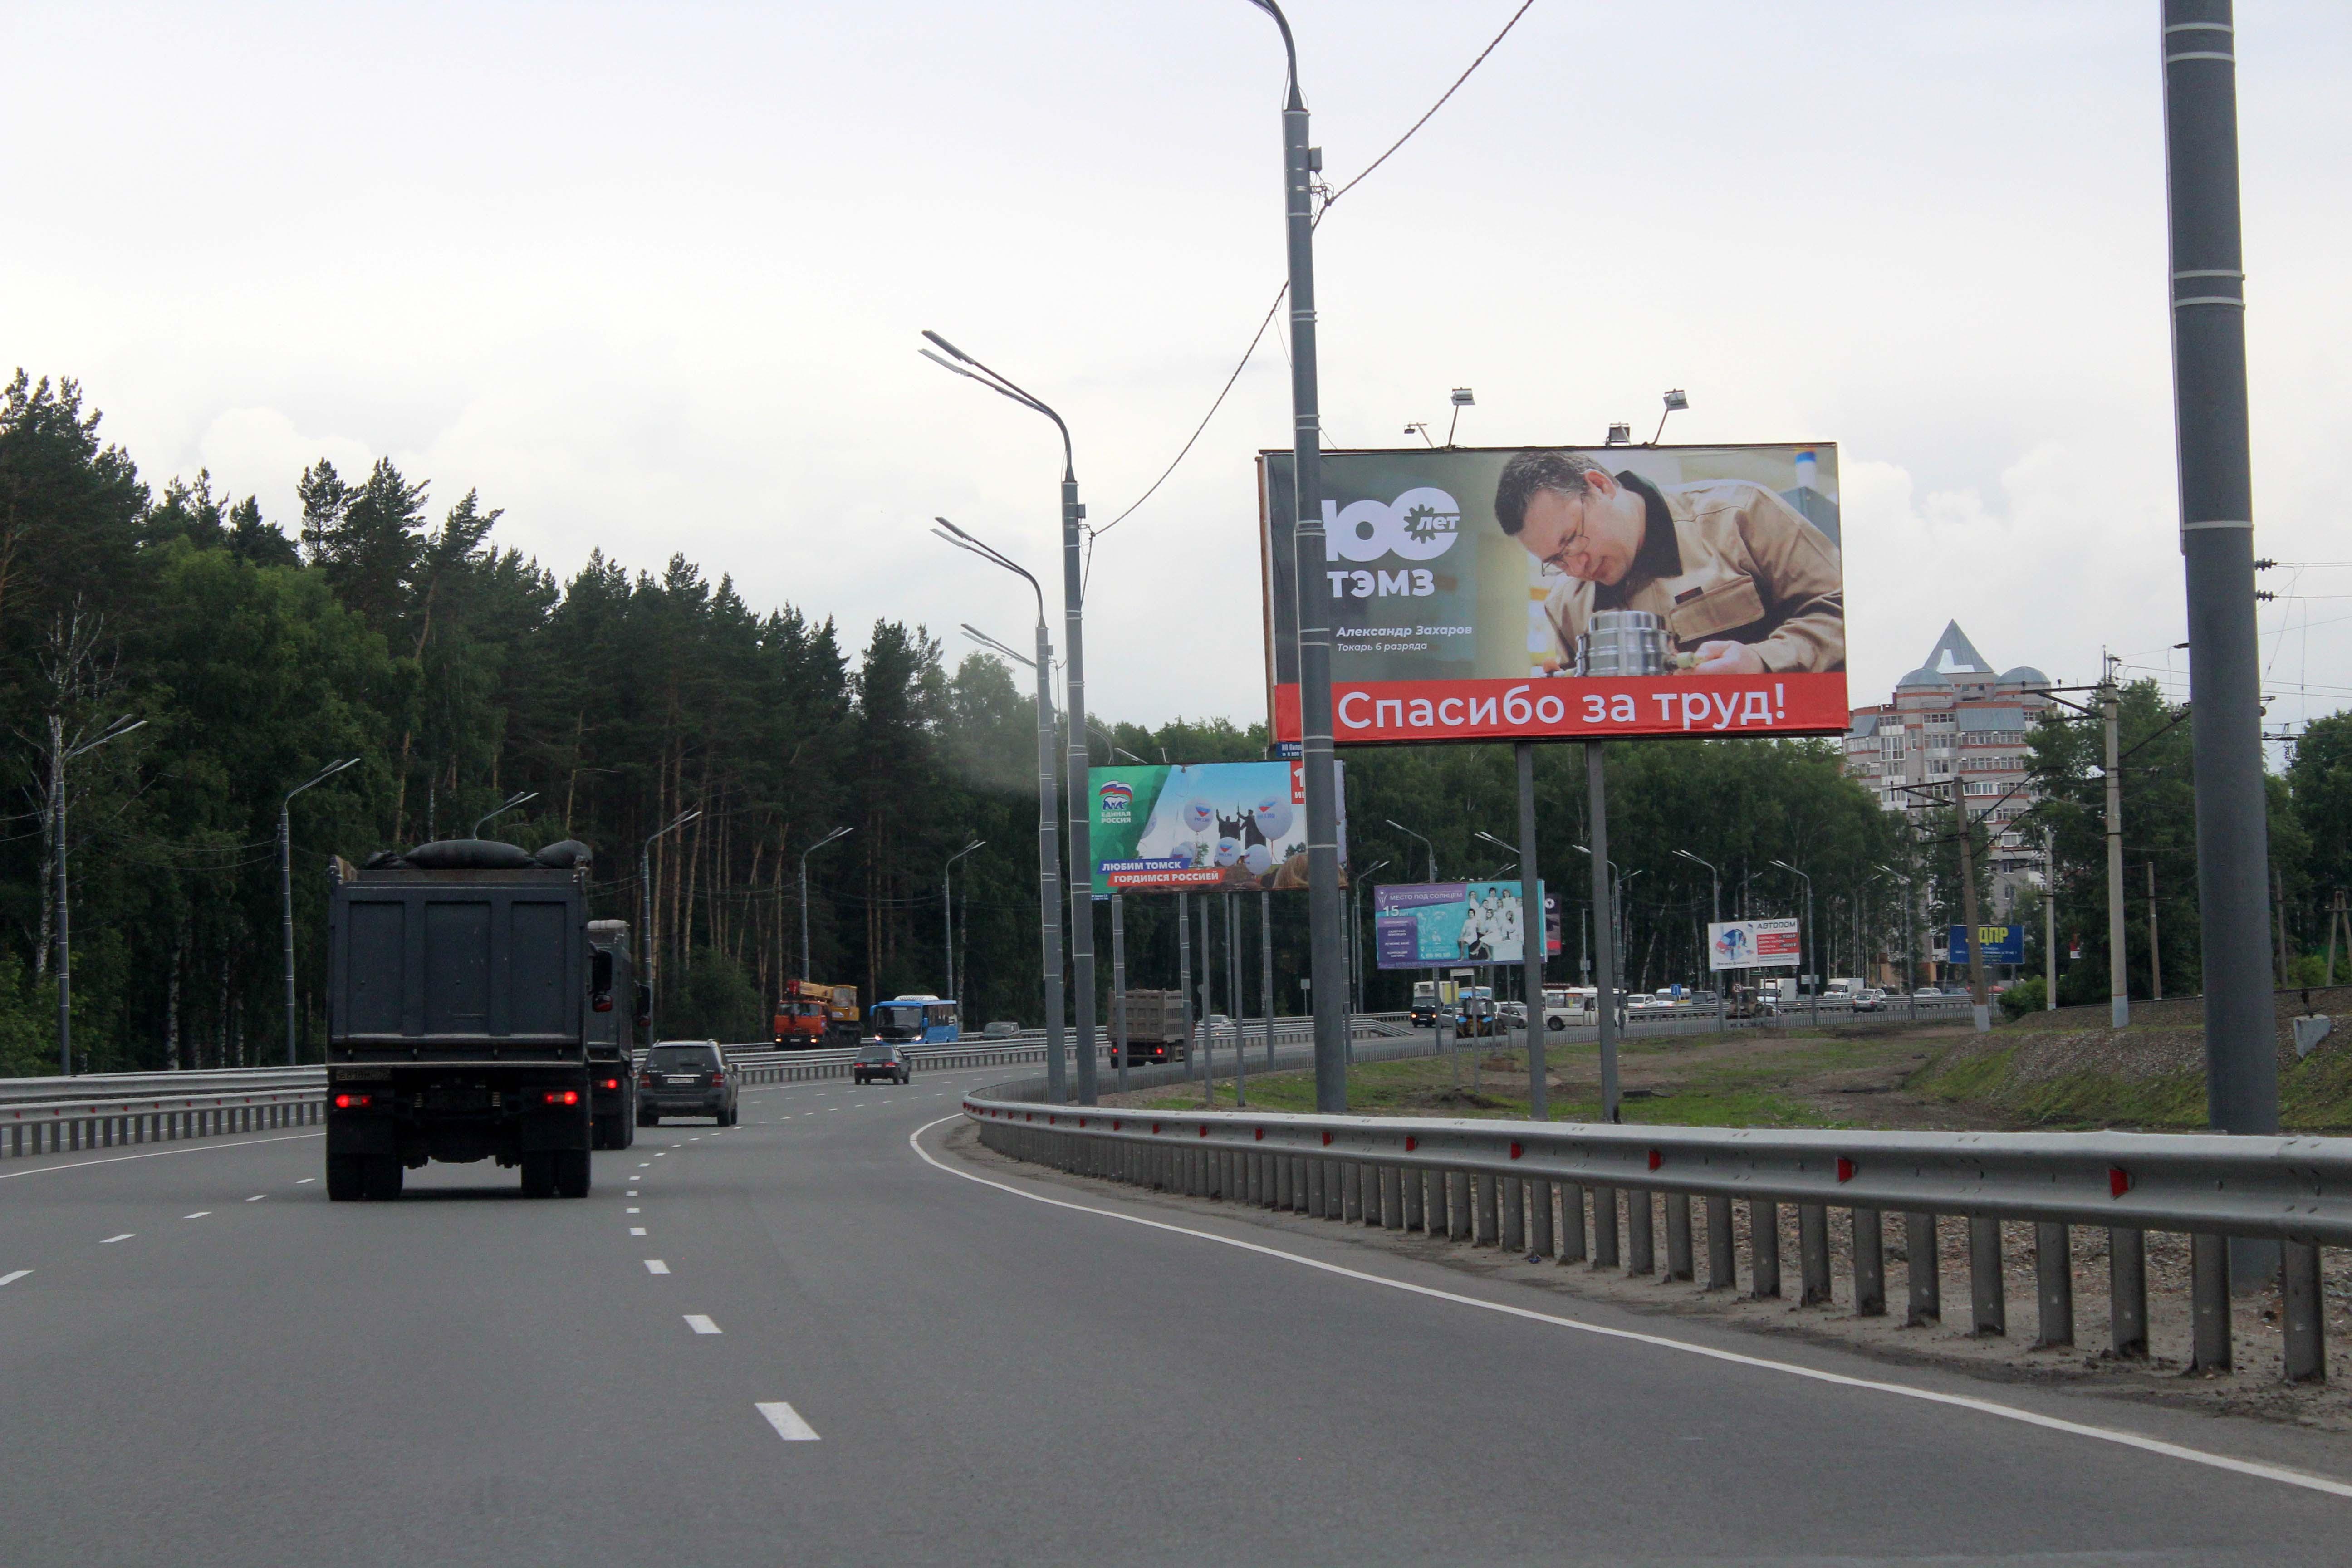 Богашевский тракт 0,8 км